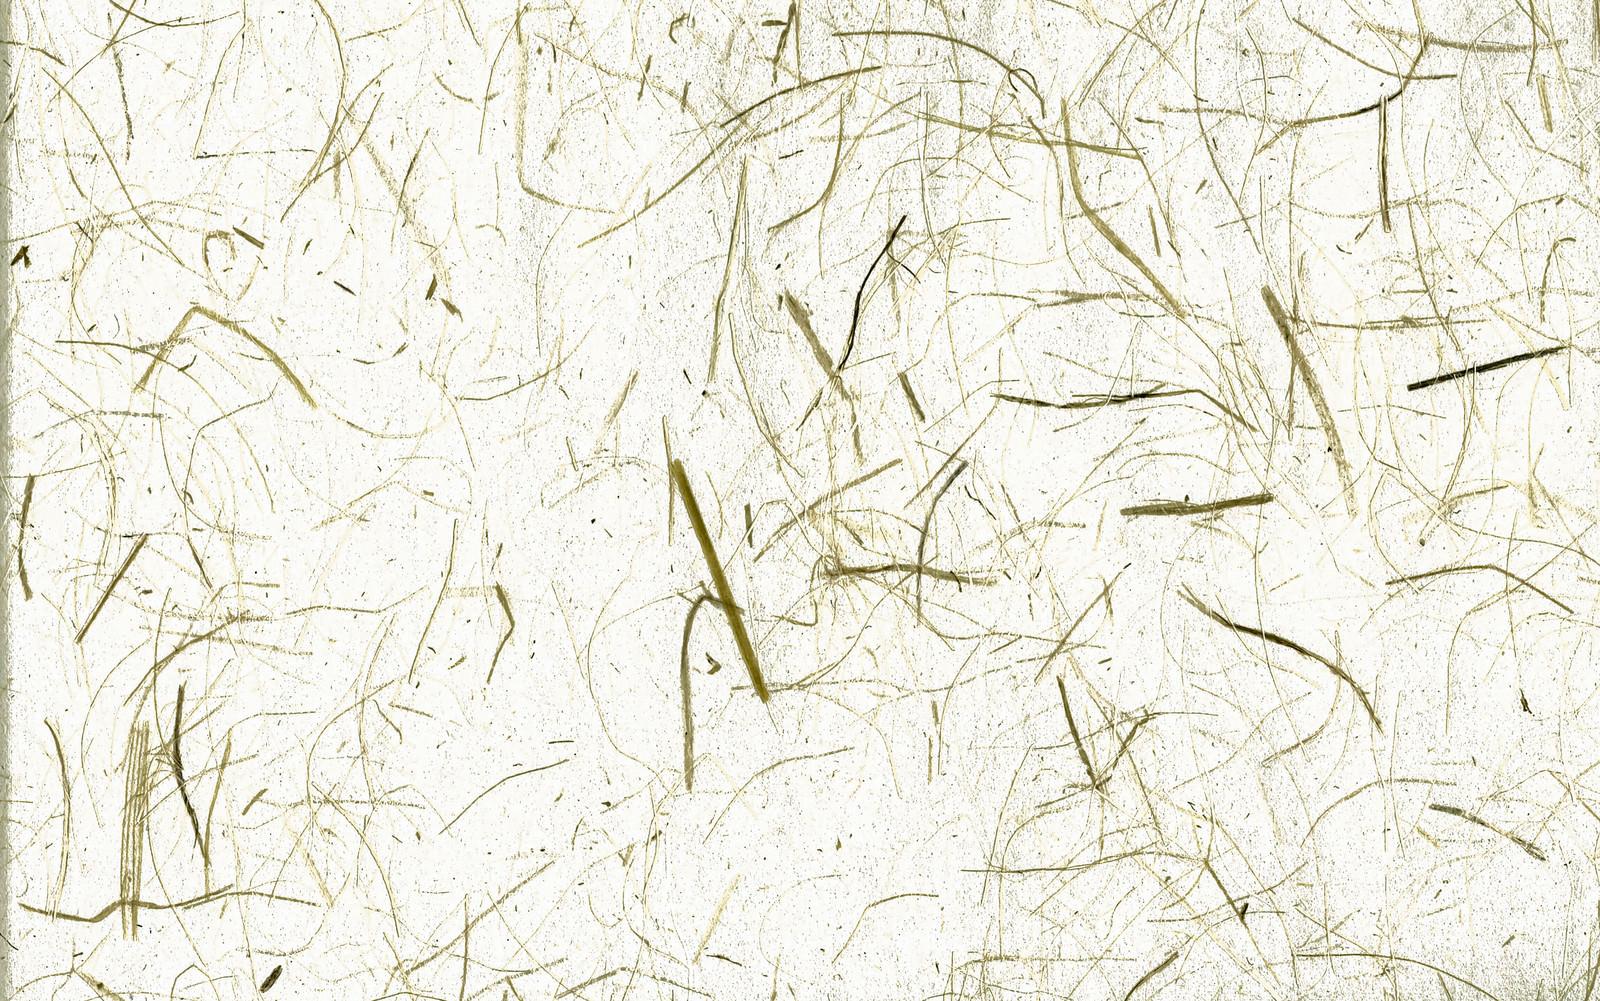 「繊維質がしっかり残る和紙(テクスチャ)」の写真